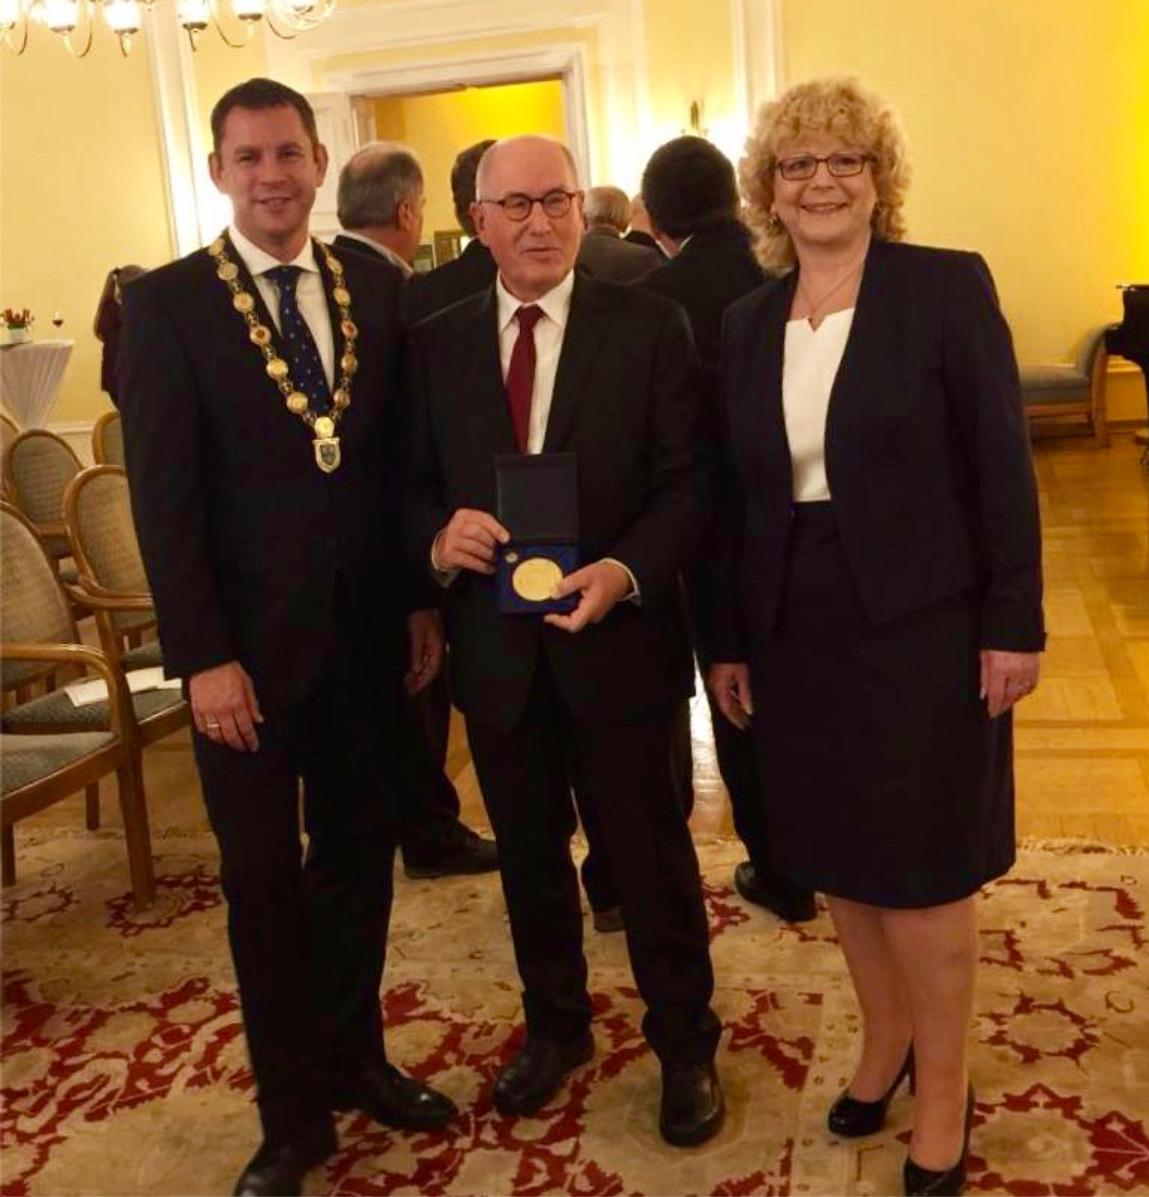 Herbert Reck bei der Verleihung der Ehrenmedaille in Gold durch die Landeshauptstadt Wiesbaden